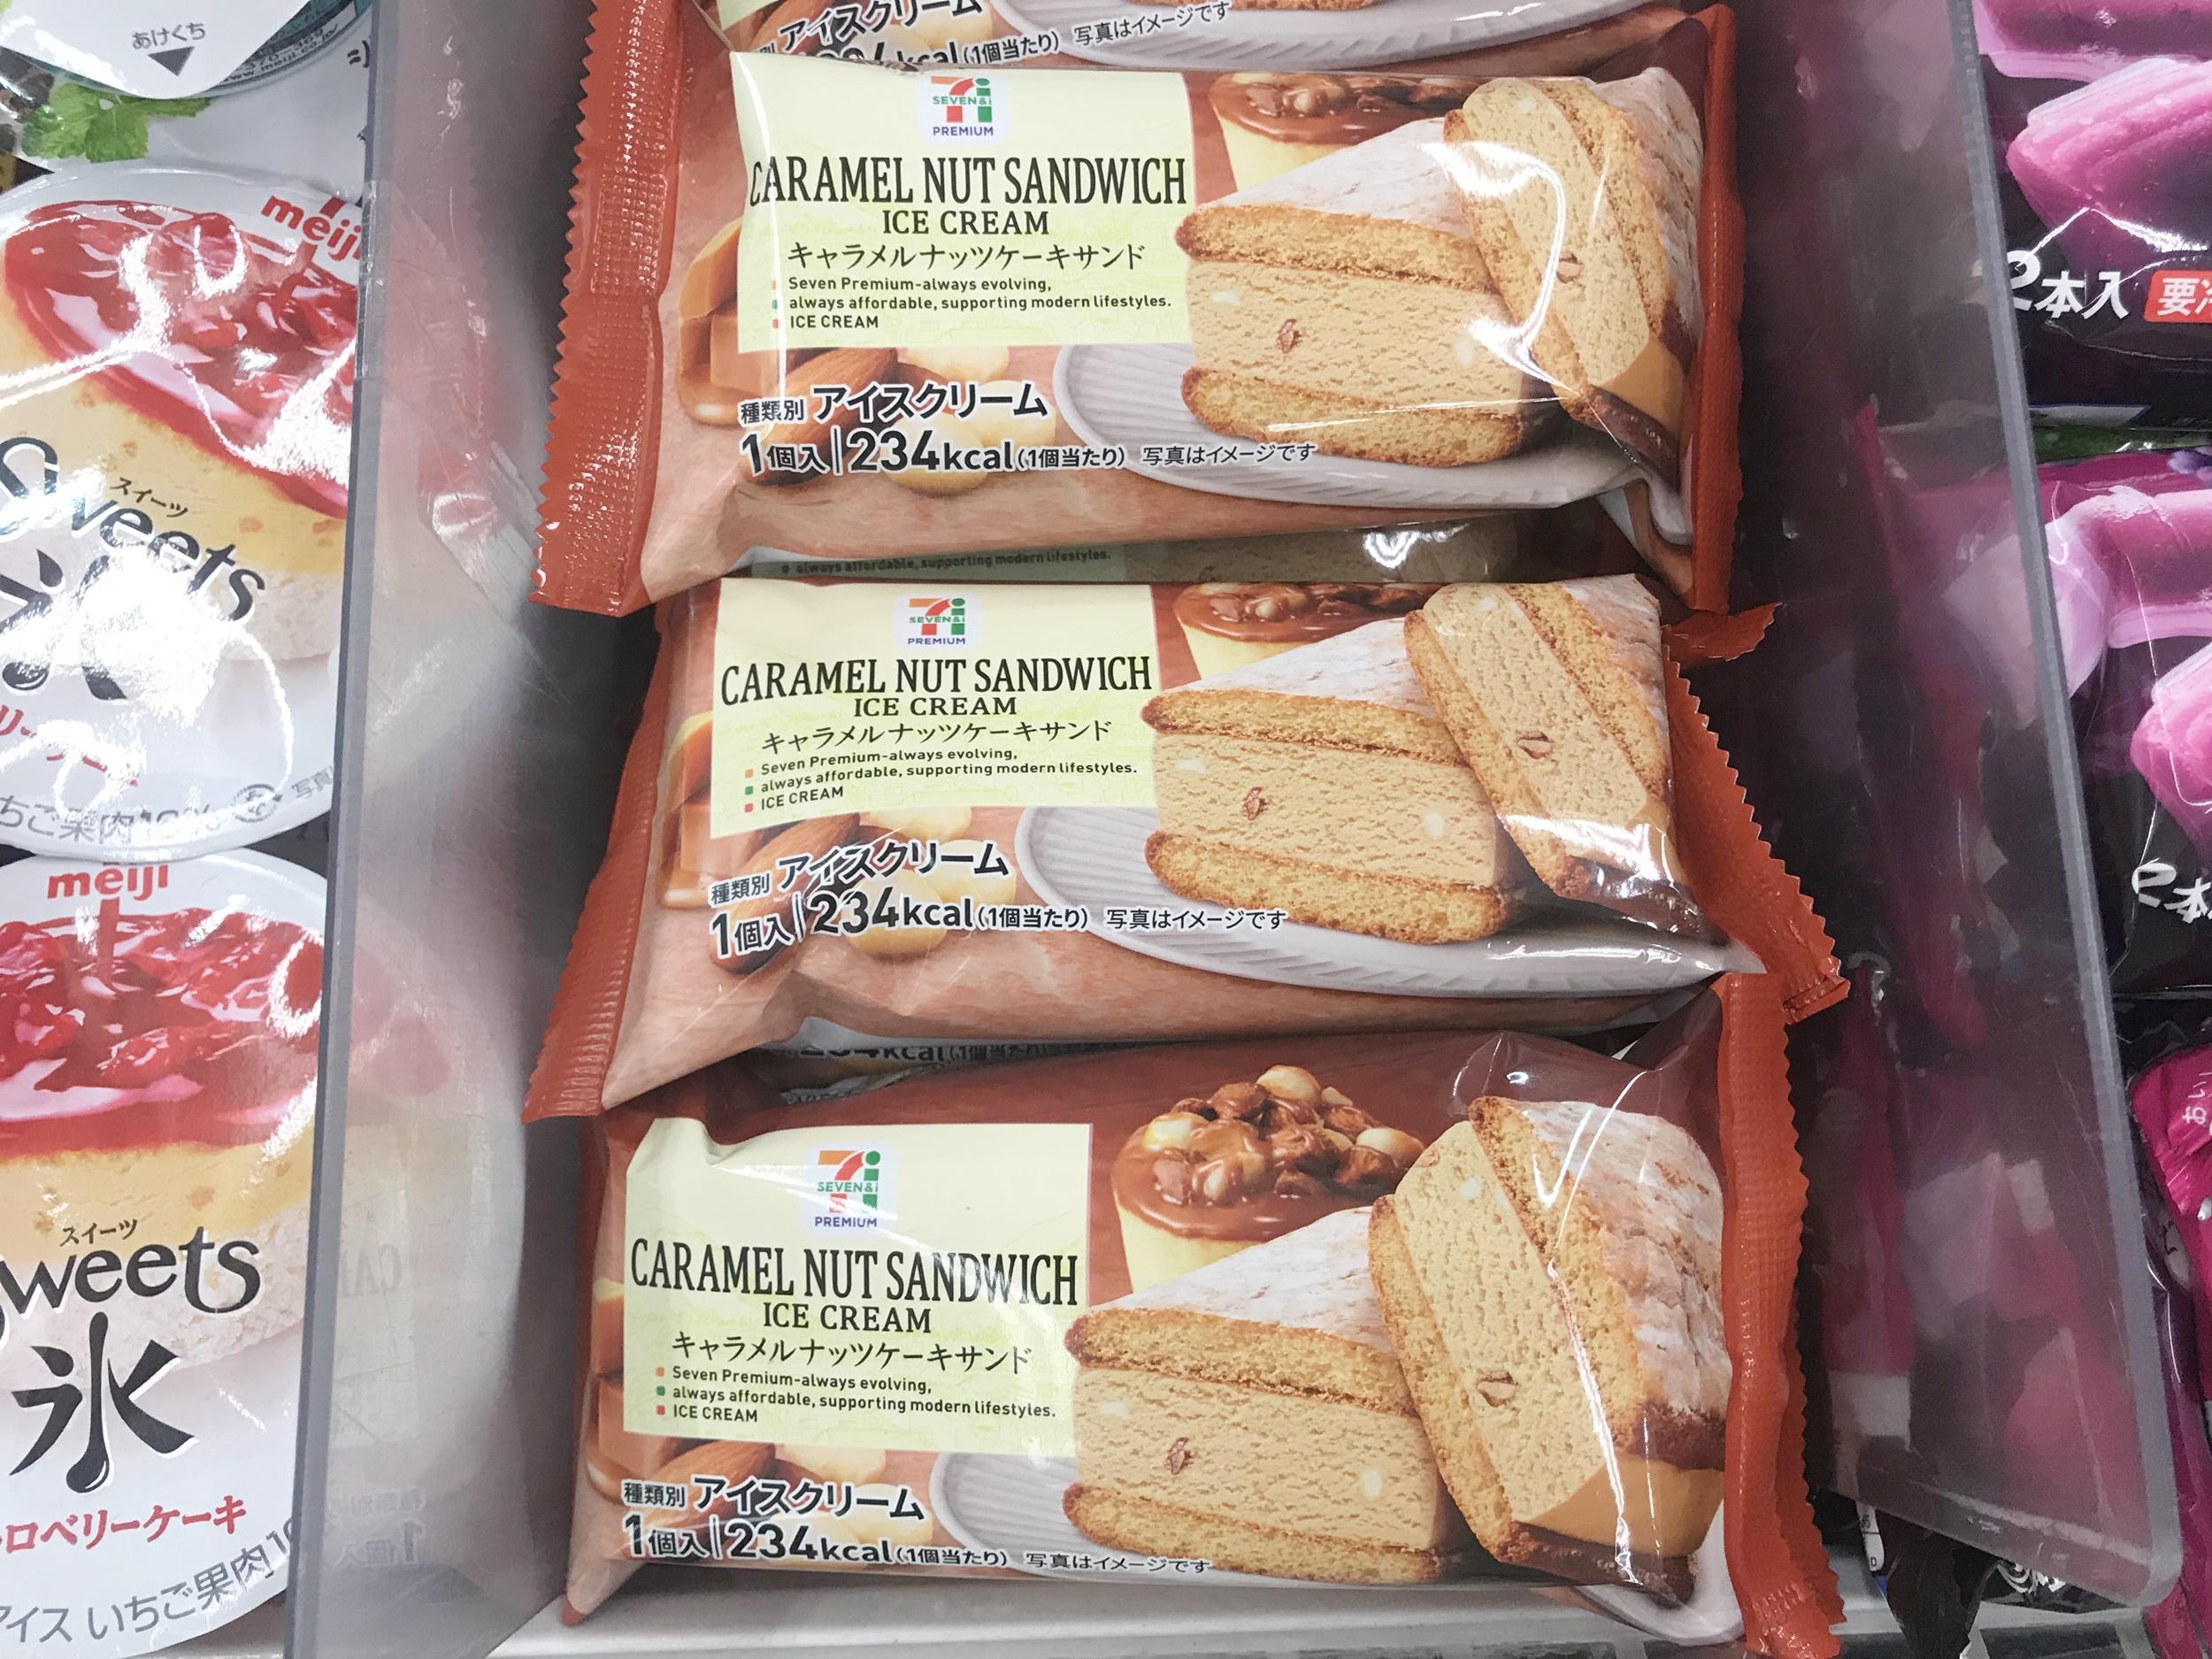 冰淇淋三明治